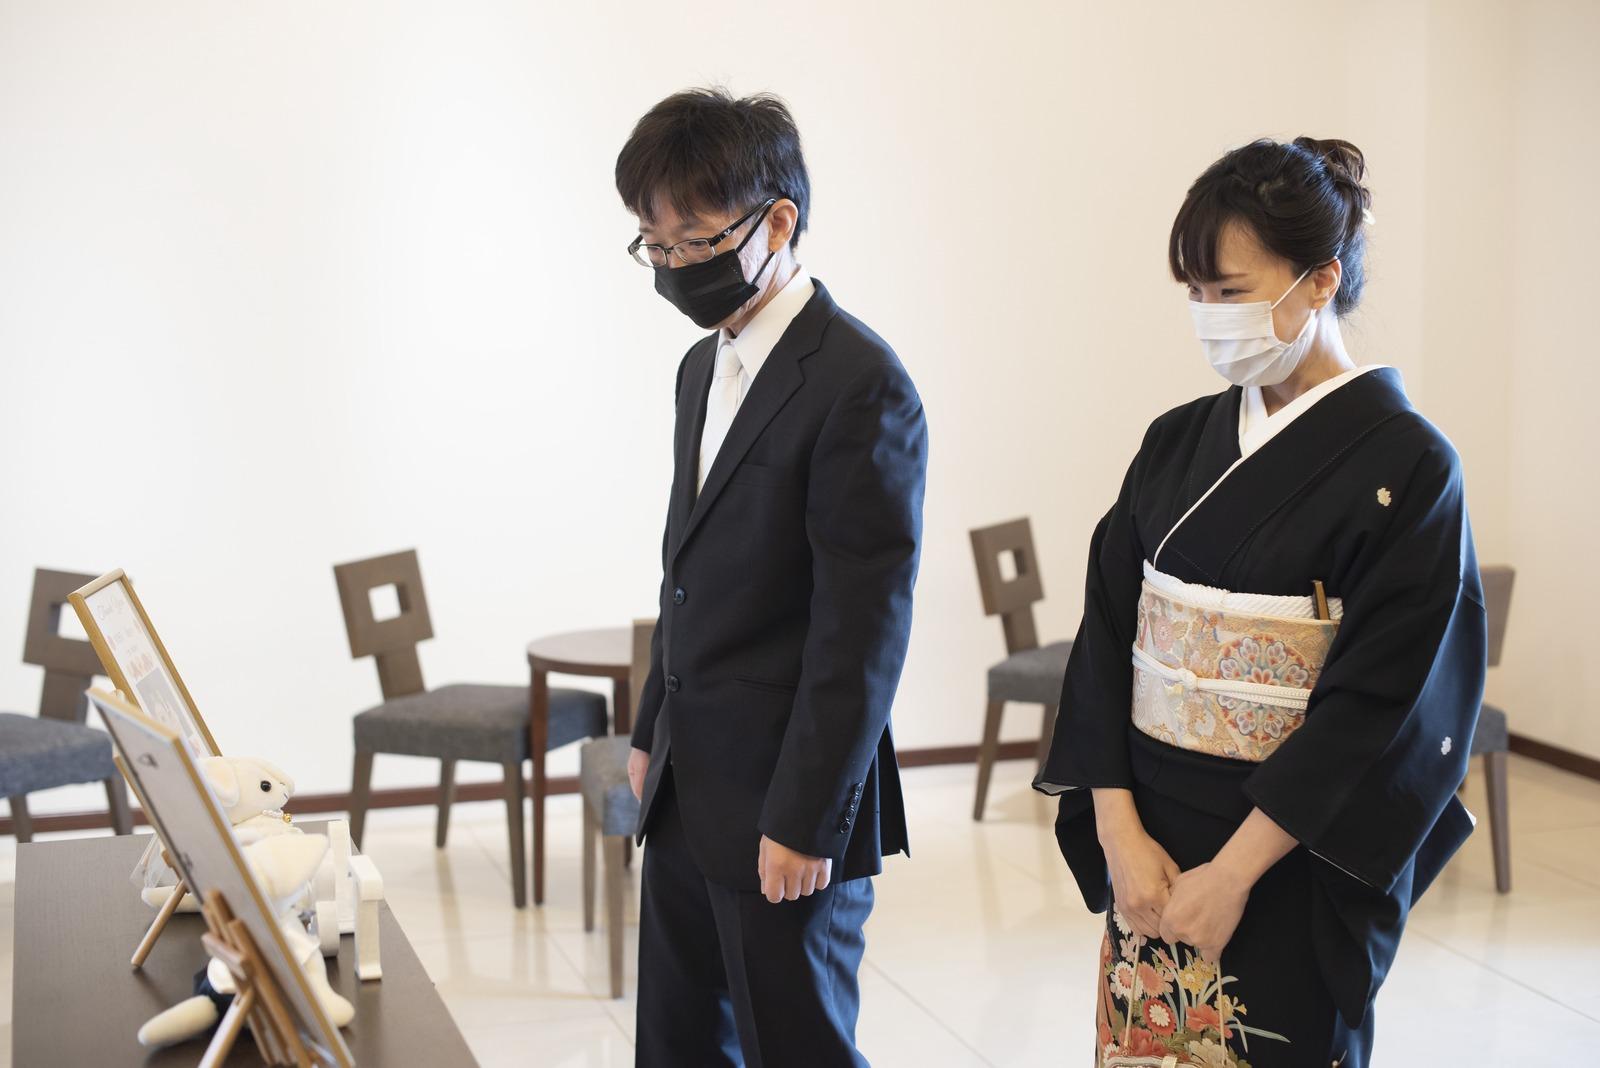 徳島市の結婚式場ブランアンジュで受付飾りを感慨深そうに見つめるゲスト